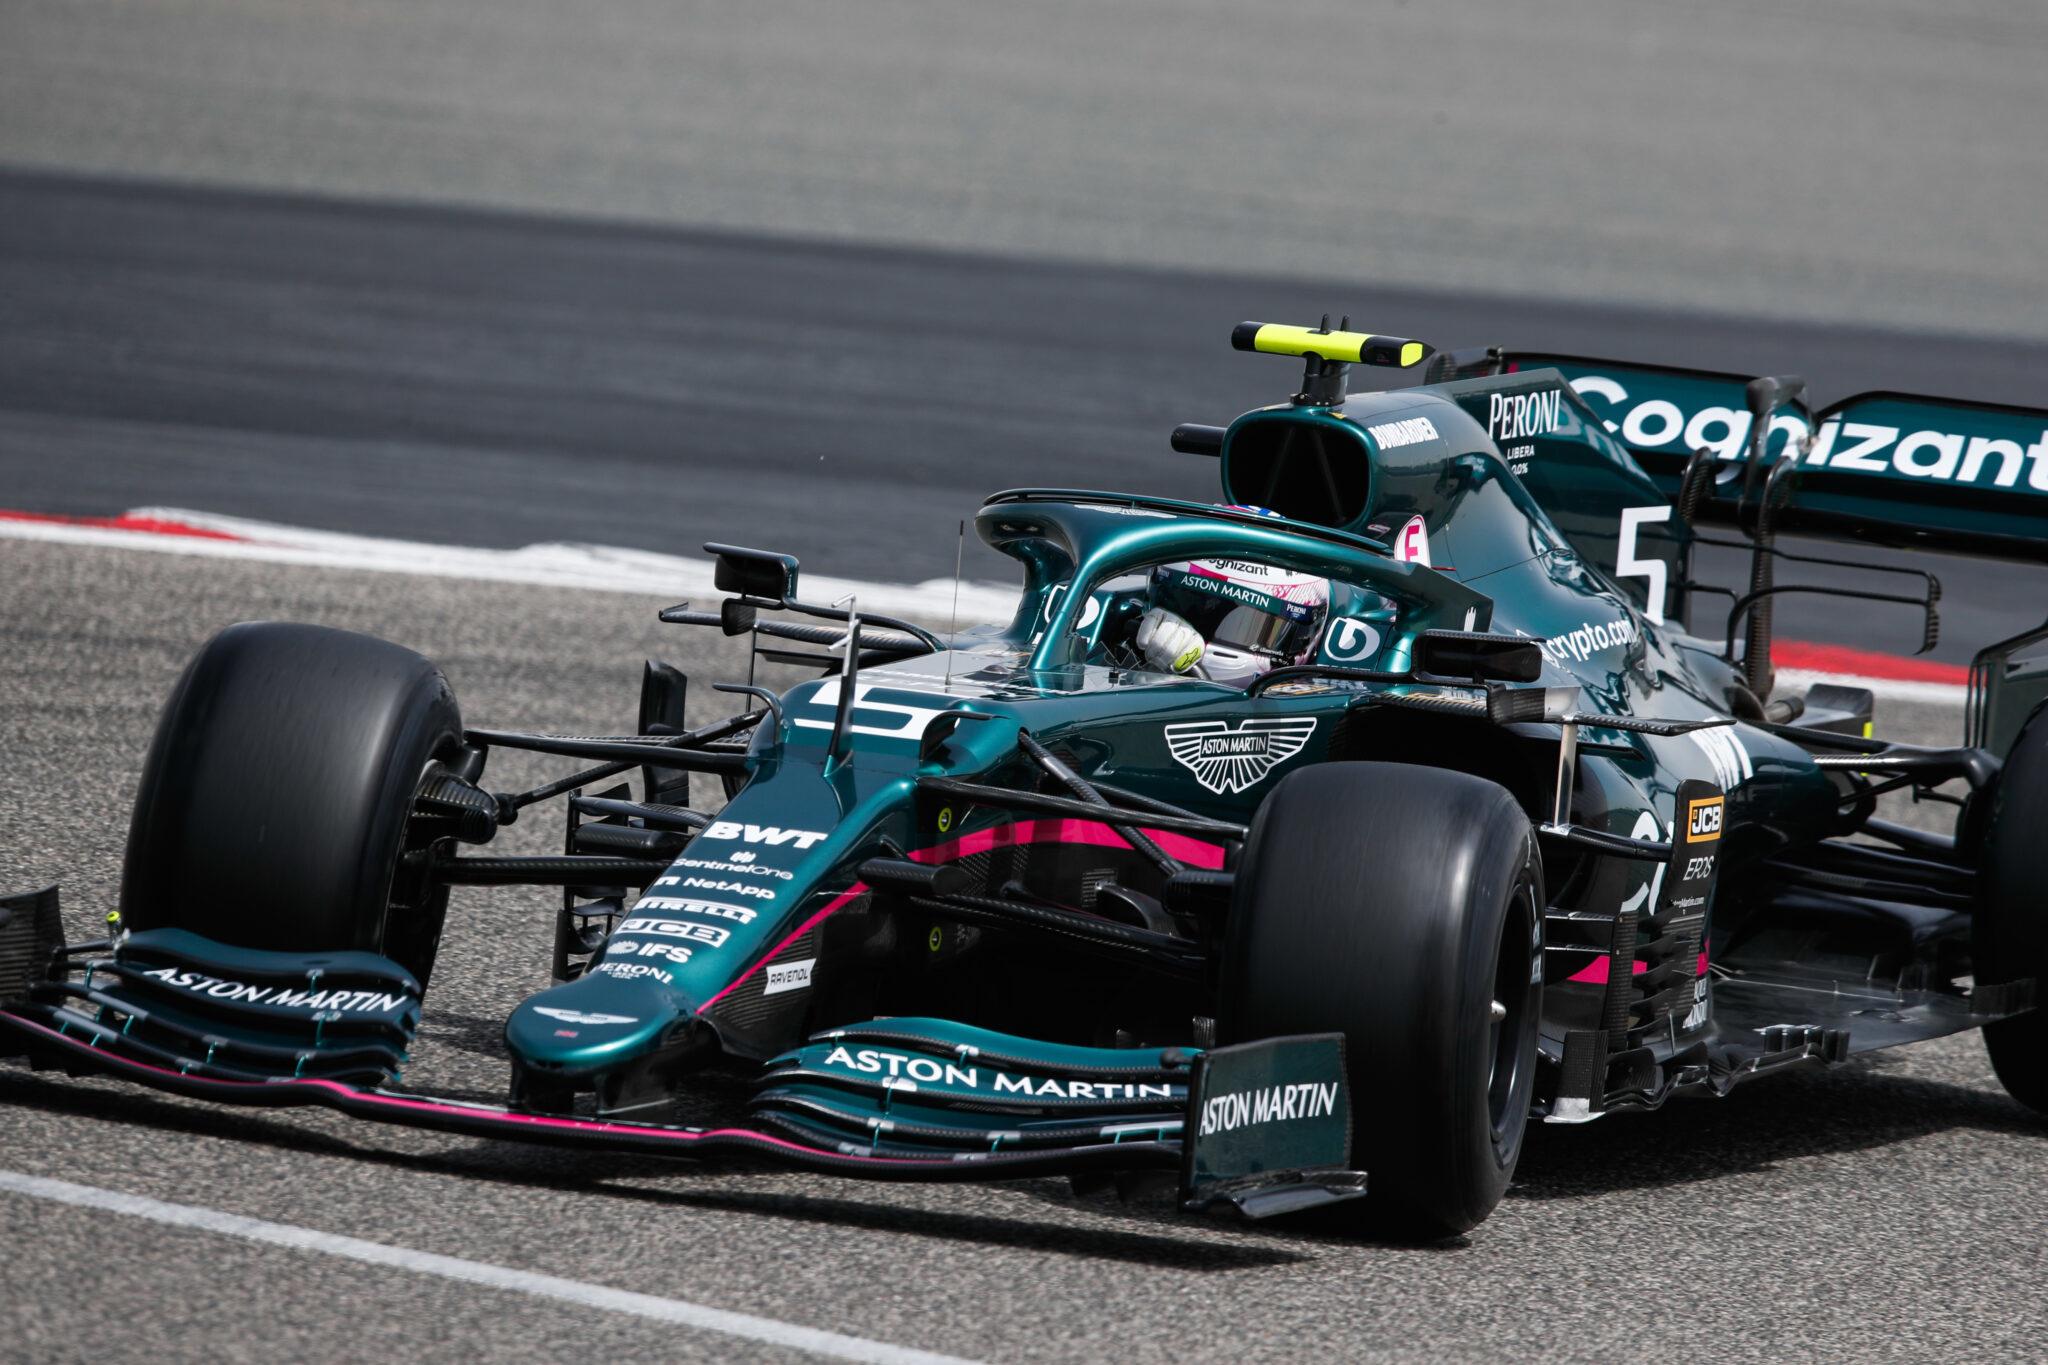 Racing Fashion est ravi d'annoncer son partenariat avec Aston Martin Cognizant Formula One™ Team et  Pelmark, le fournisseur de vêtements et d'accessoires de l'équipe.